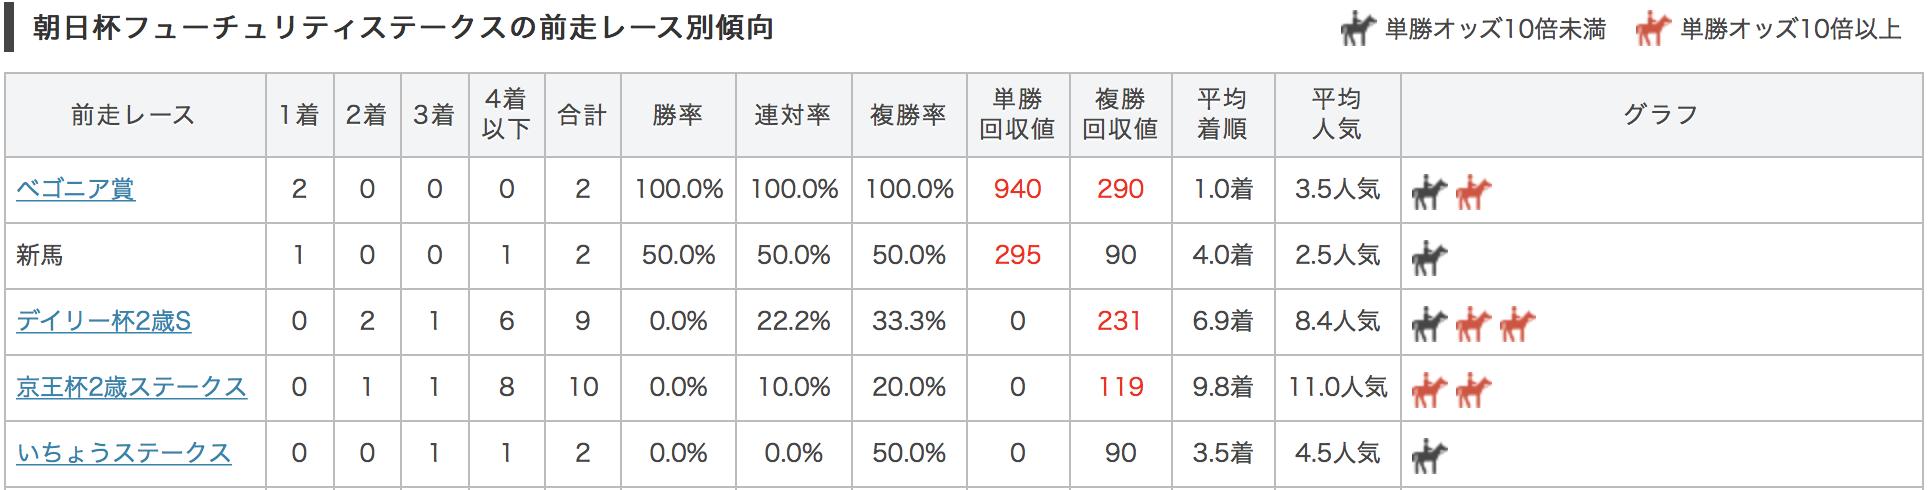 朝日杯フューチュリティステークス2017前走別データ2